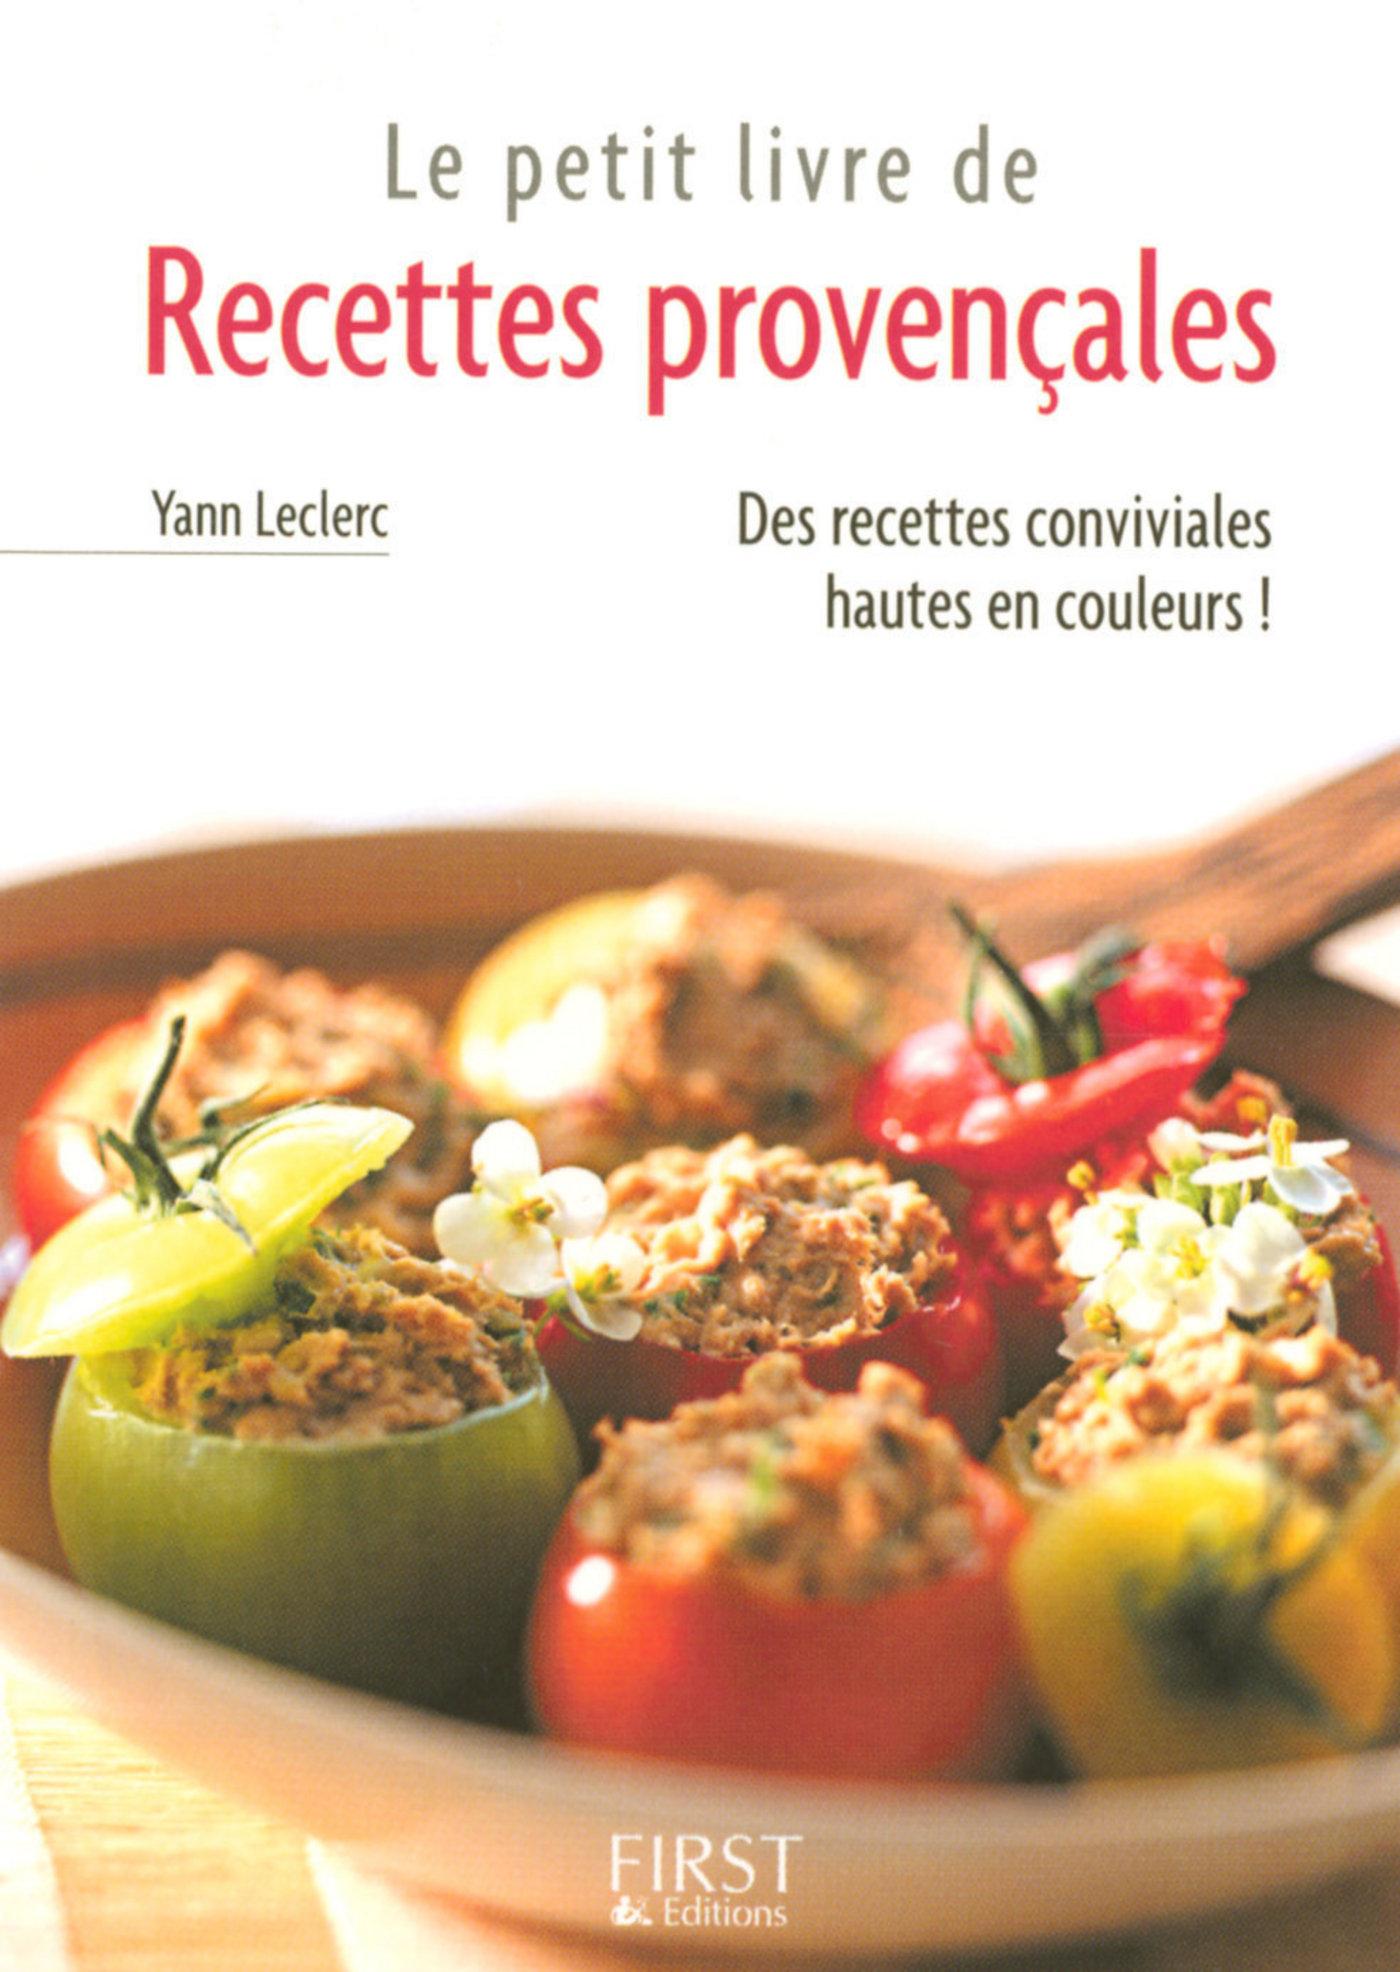 Petit livre de - Recettes provençales (ebook)